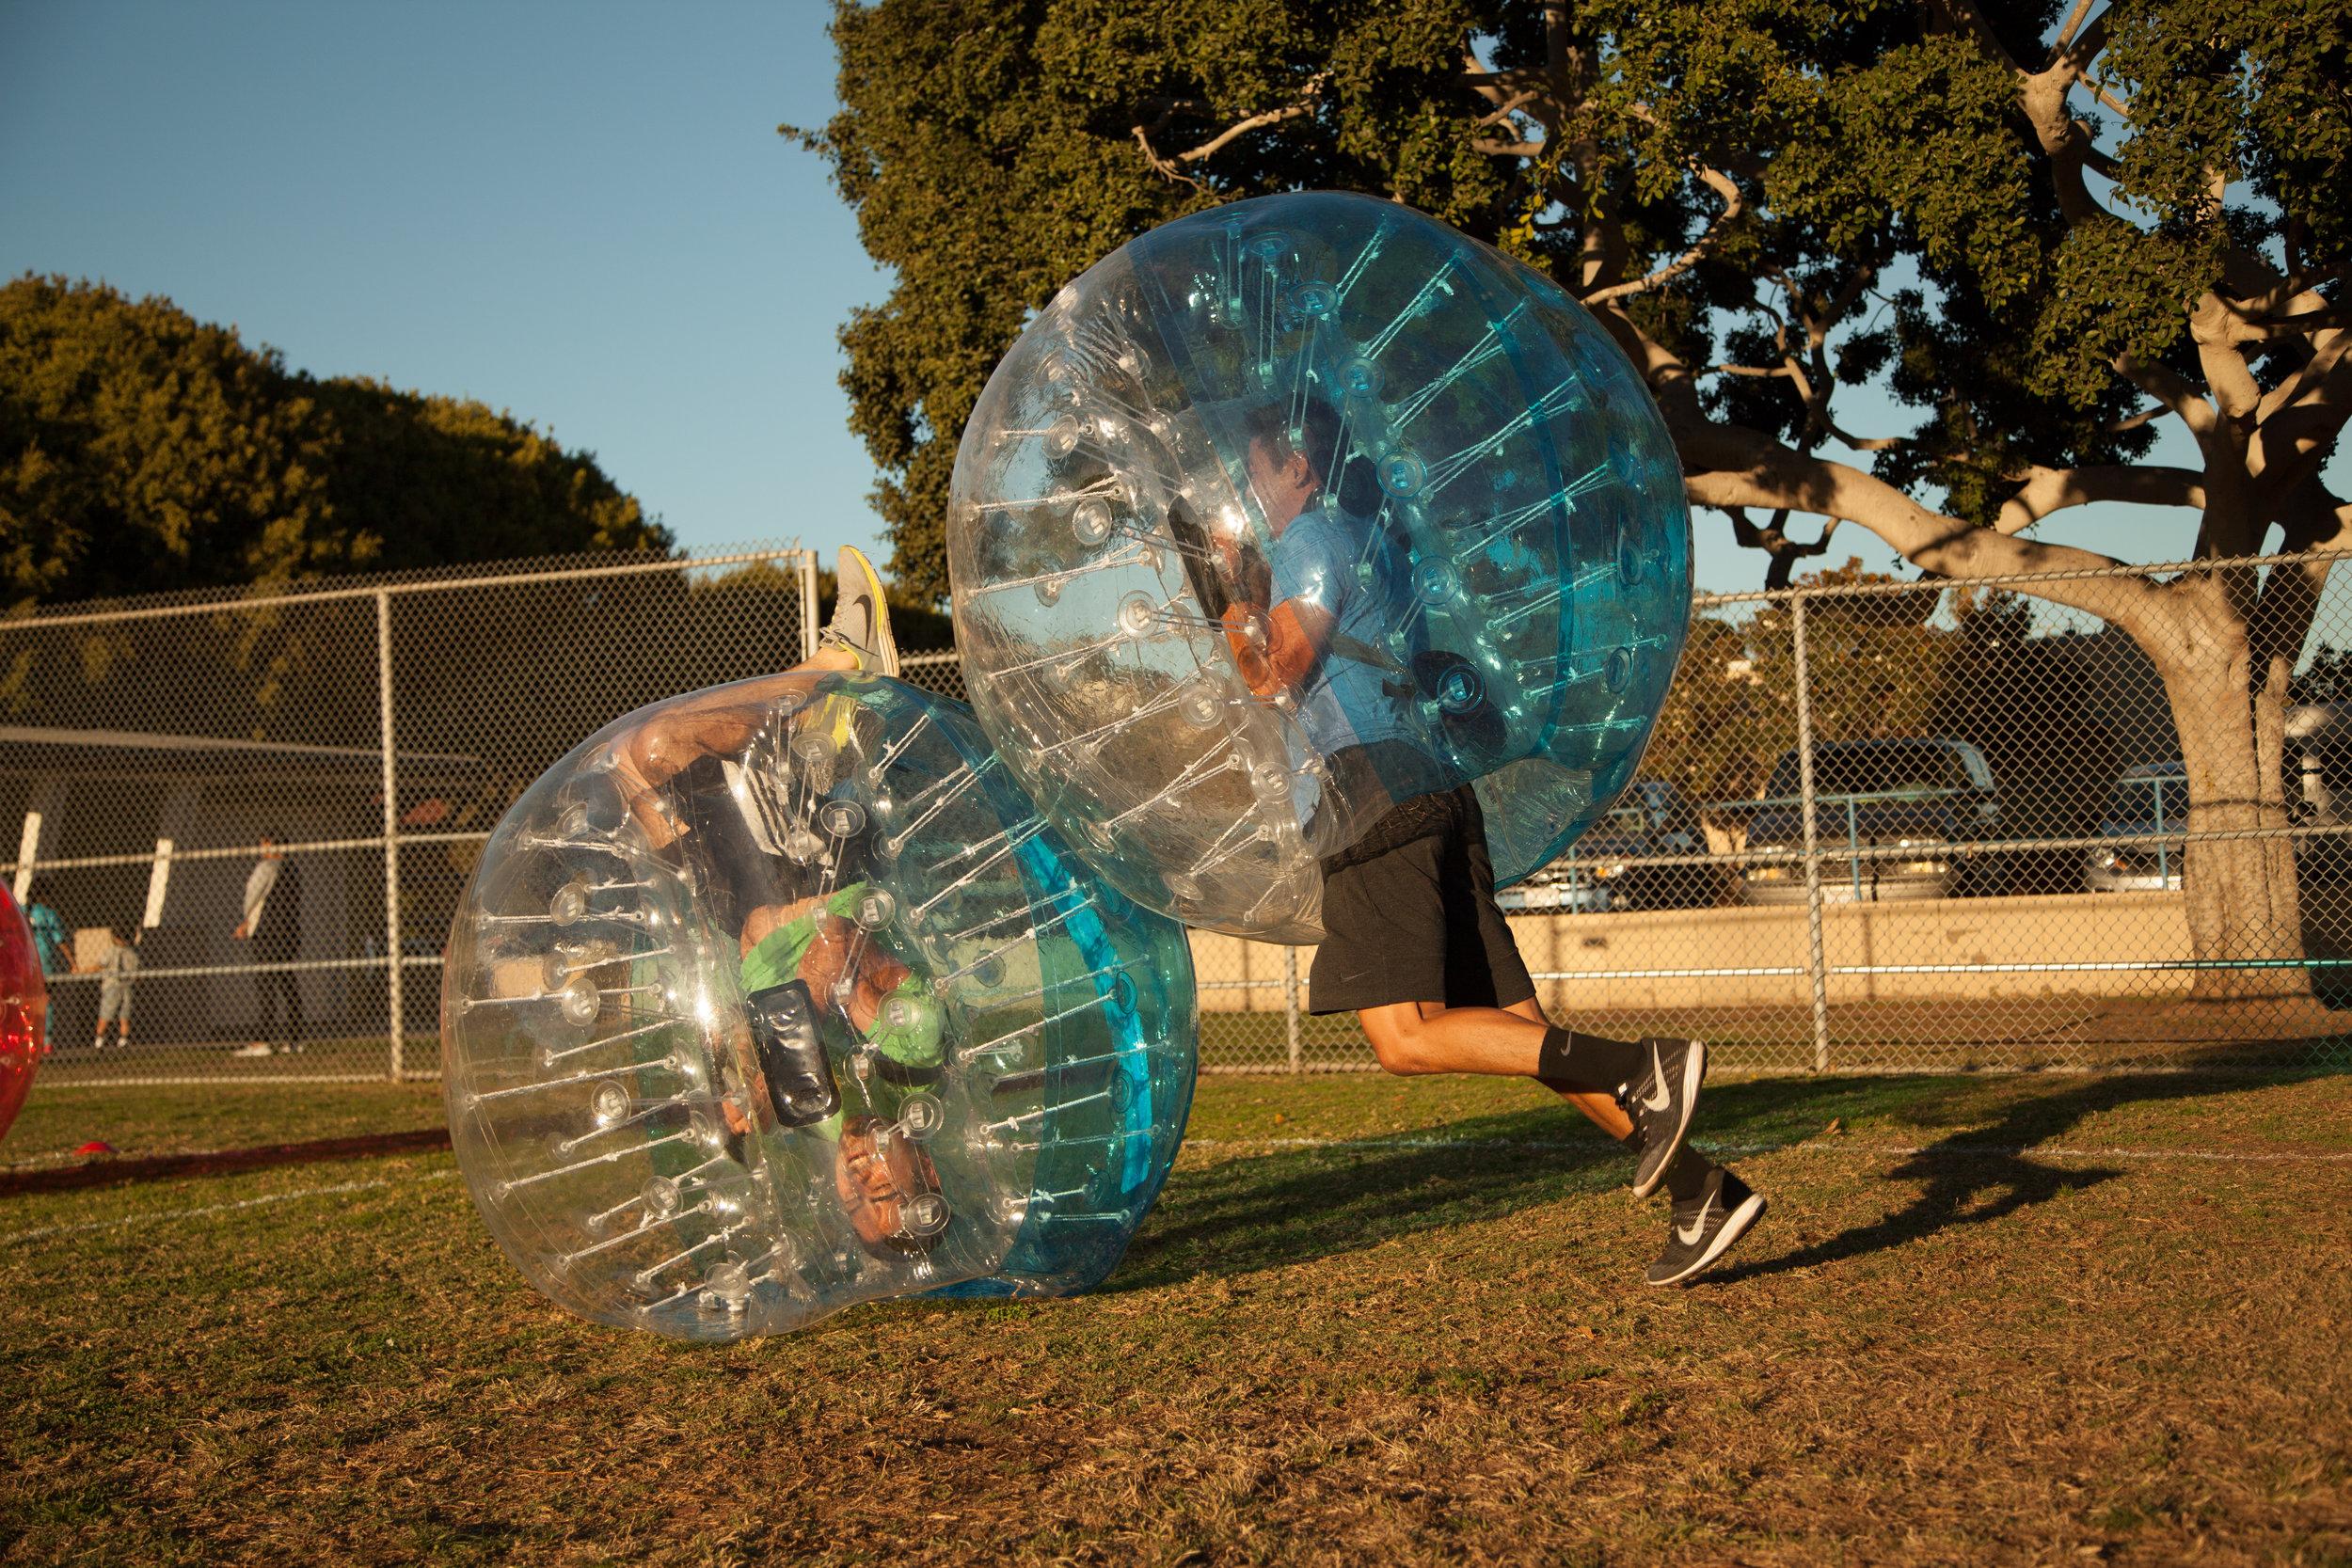 fun with bubble soccer suits ranchos palos verdes estates